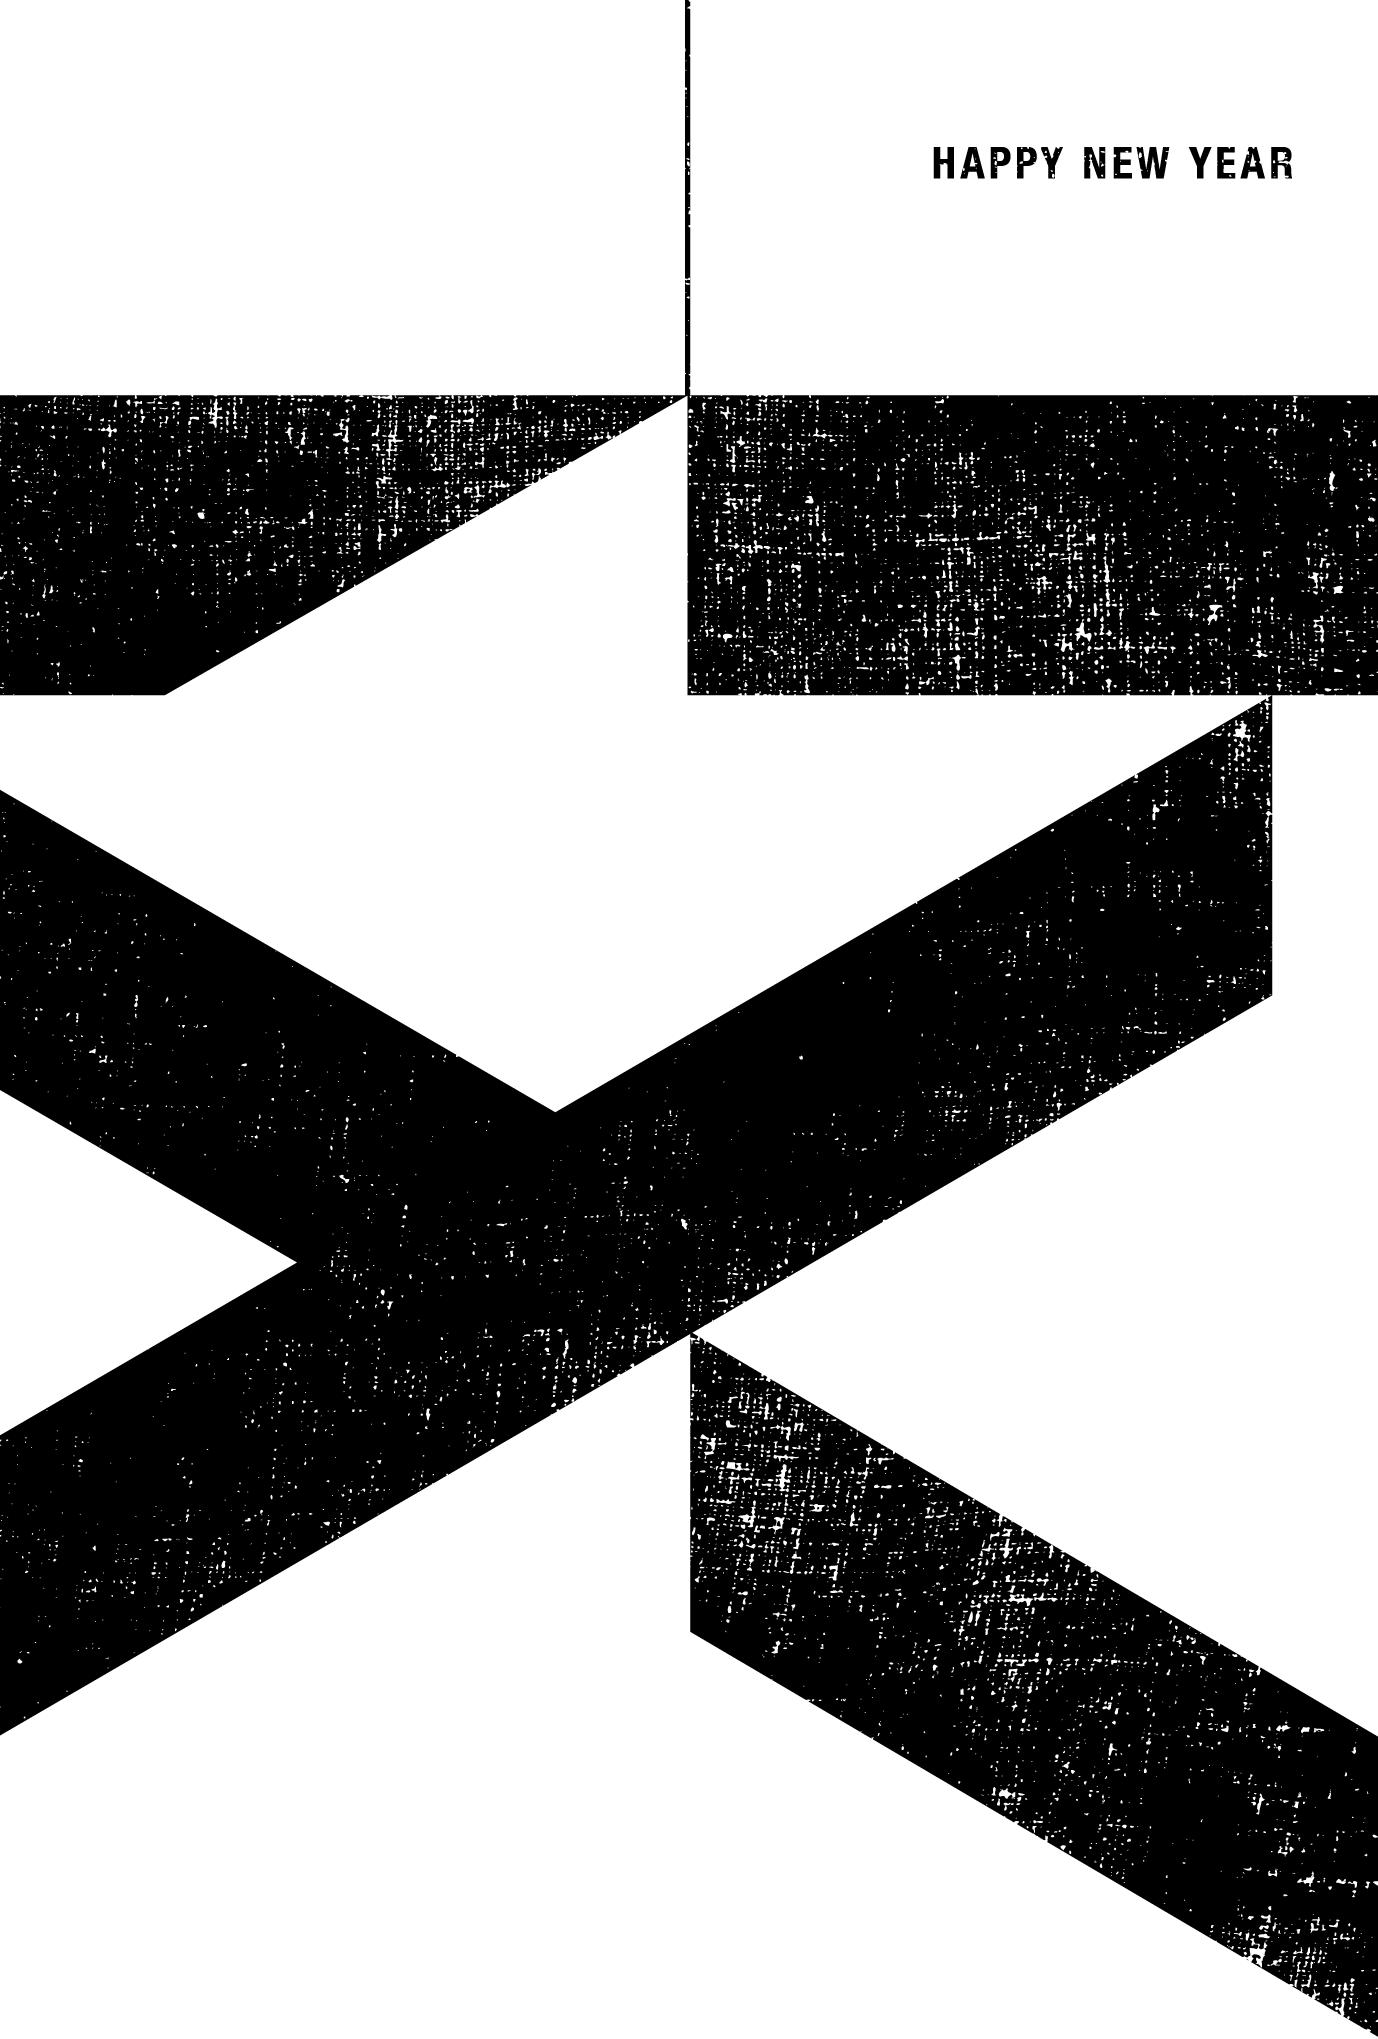 2019年賀状15-2:亥の図案 / 黒のダウンロード画像